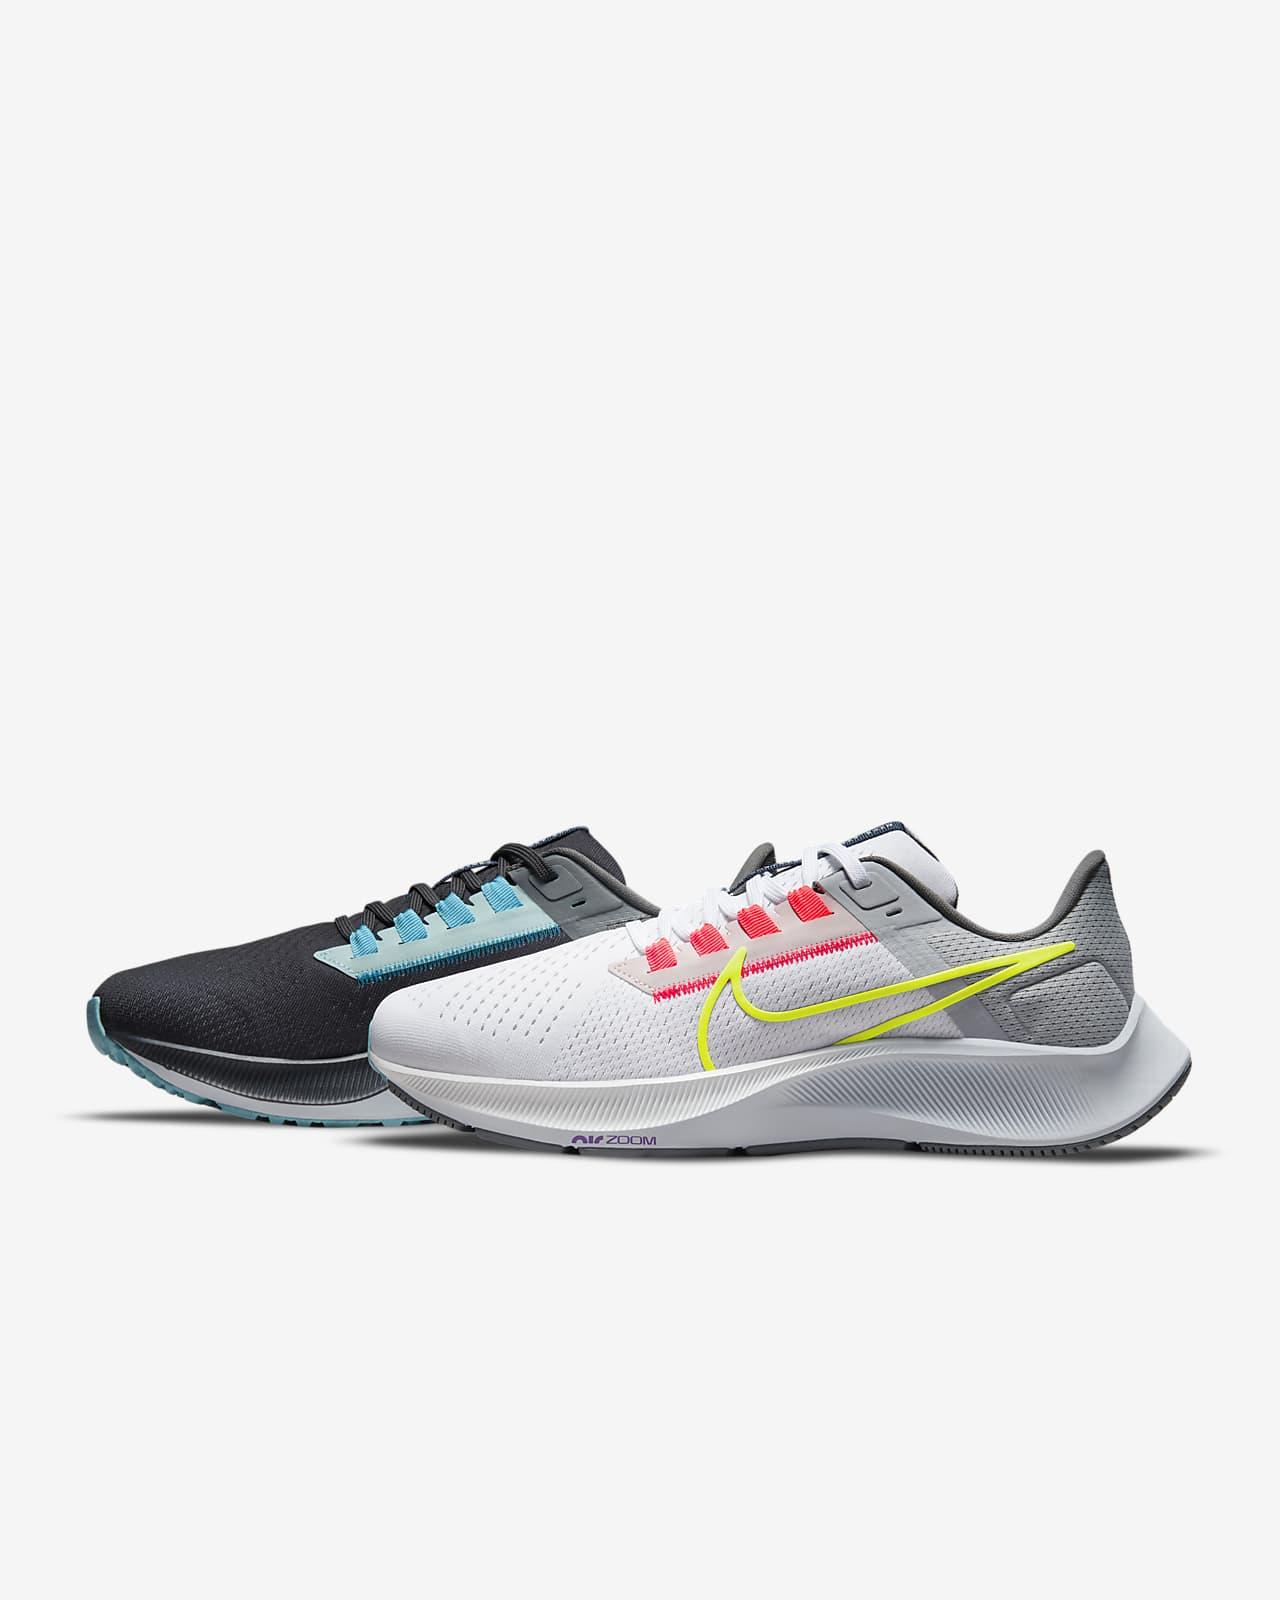 Женские беговые кроссовки Nike Air Zoom Pegasus 38 Limited Edition